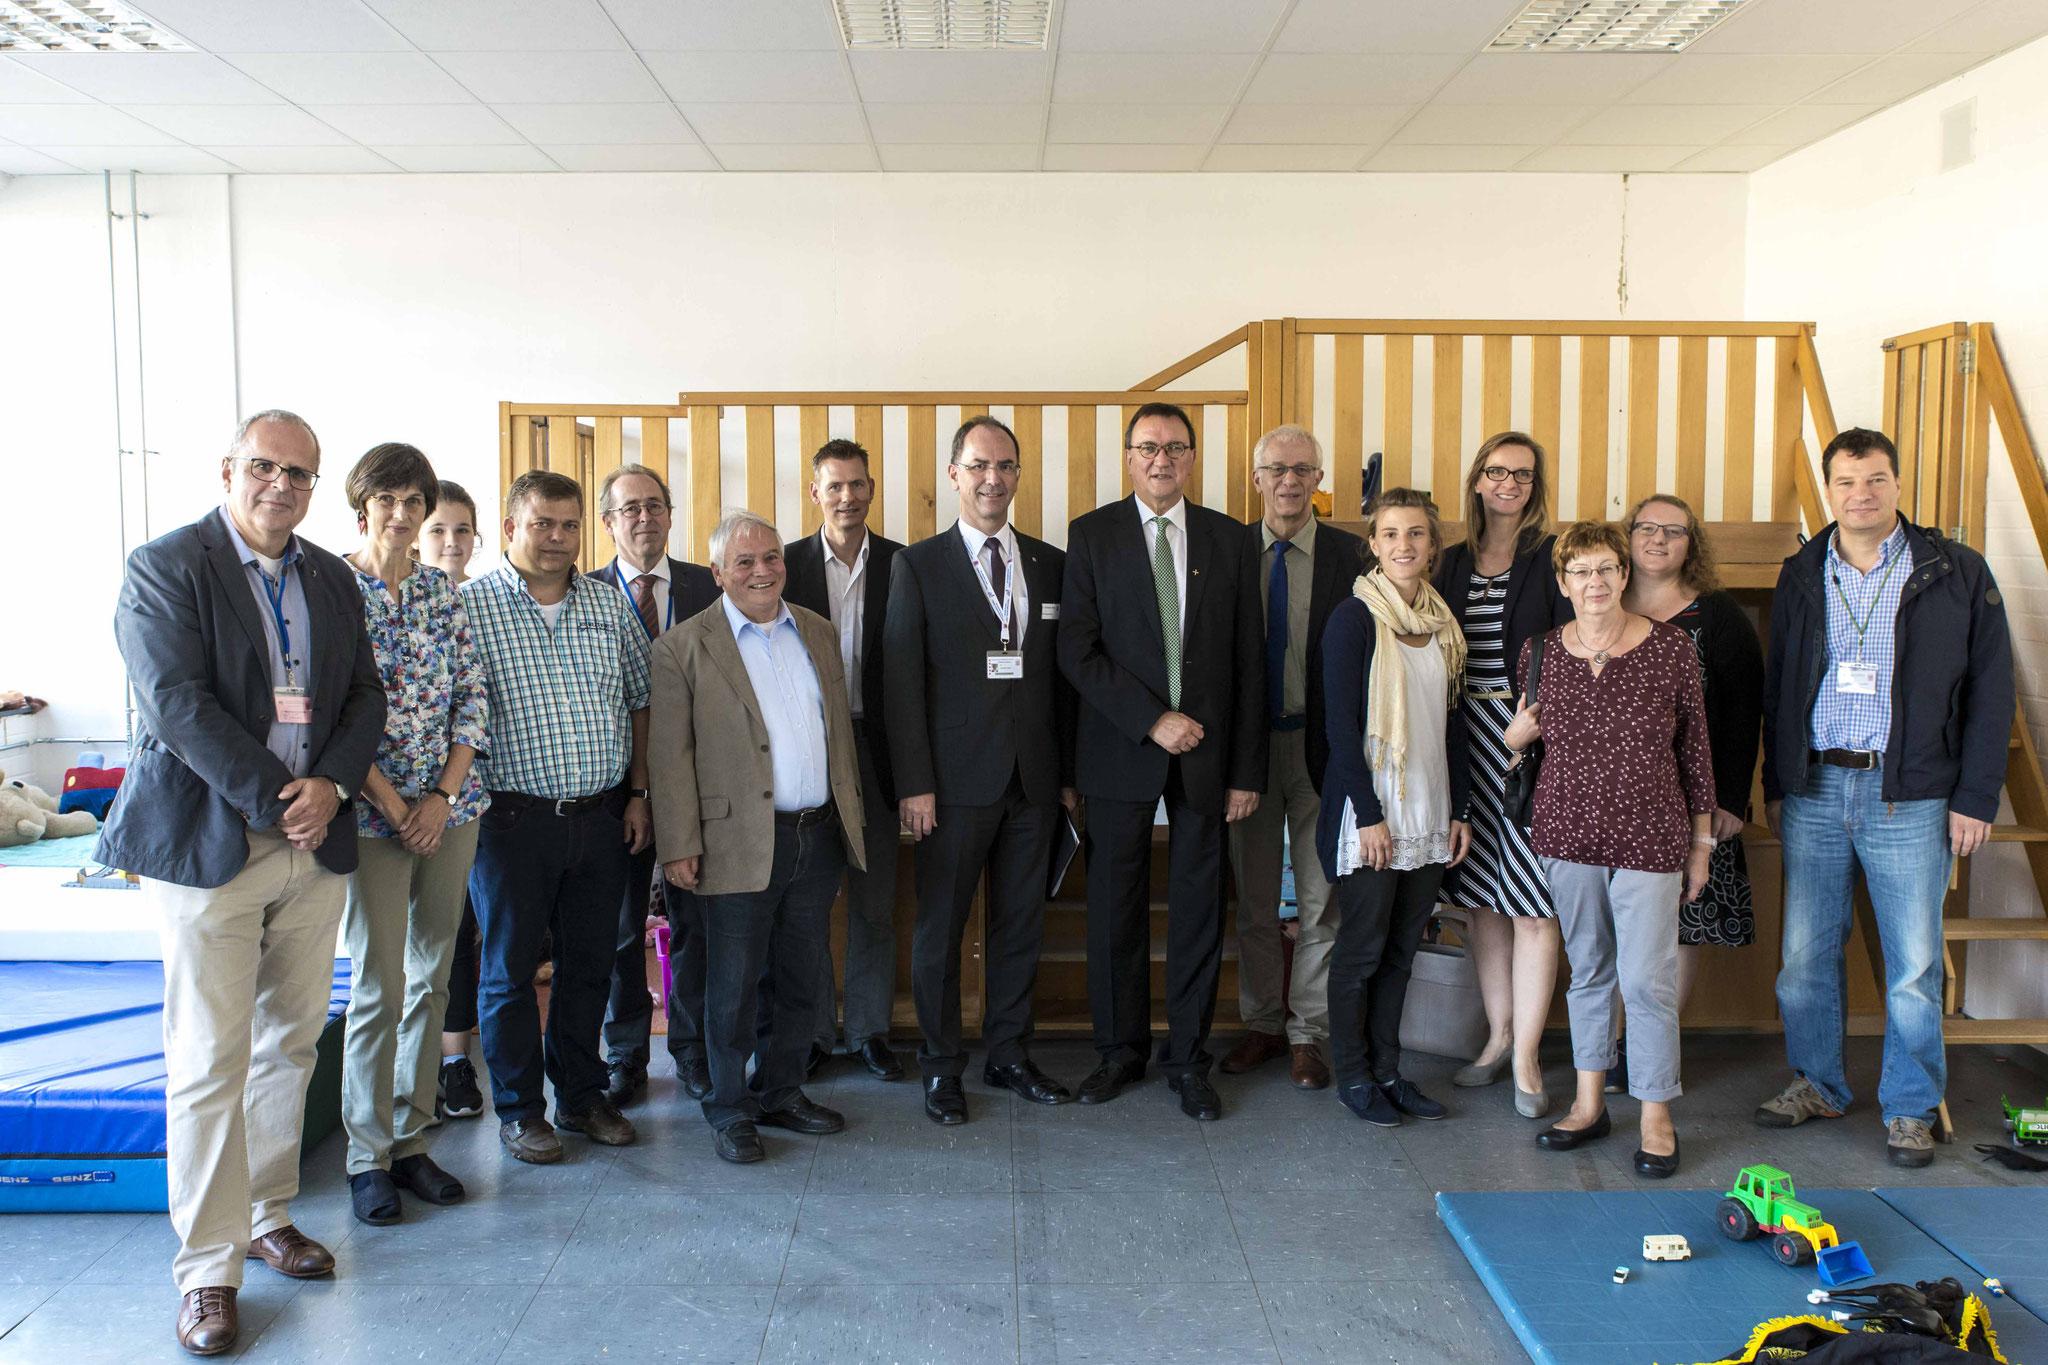 Treffen in der Hessischen Erstaufnahmeeinrichtung für Flüchtlinge in Neustadt. Regierungspräsident Dr. Christoph Ullrich und Bischof Prof. Dr. Martin Hein (7. und 8. von links) mit den Delegationen im Spielraum für die Kinder (Fotos: Karl-Günter Balzer)